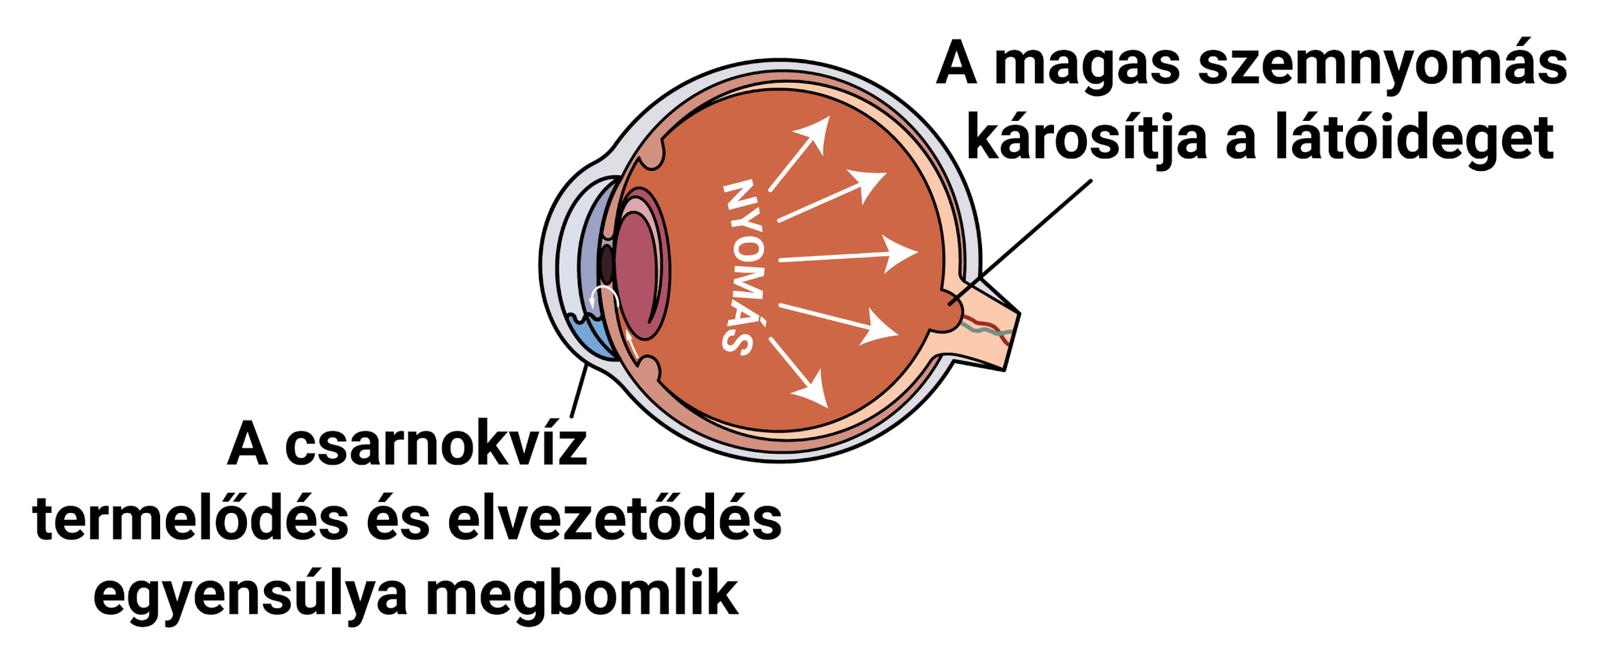 írja be a látásromlást